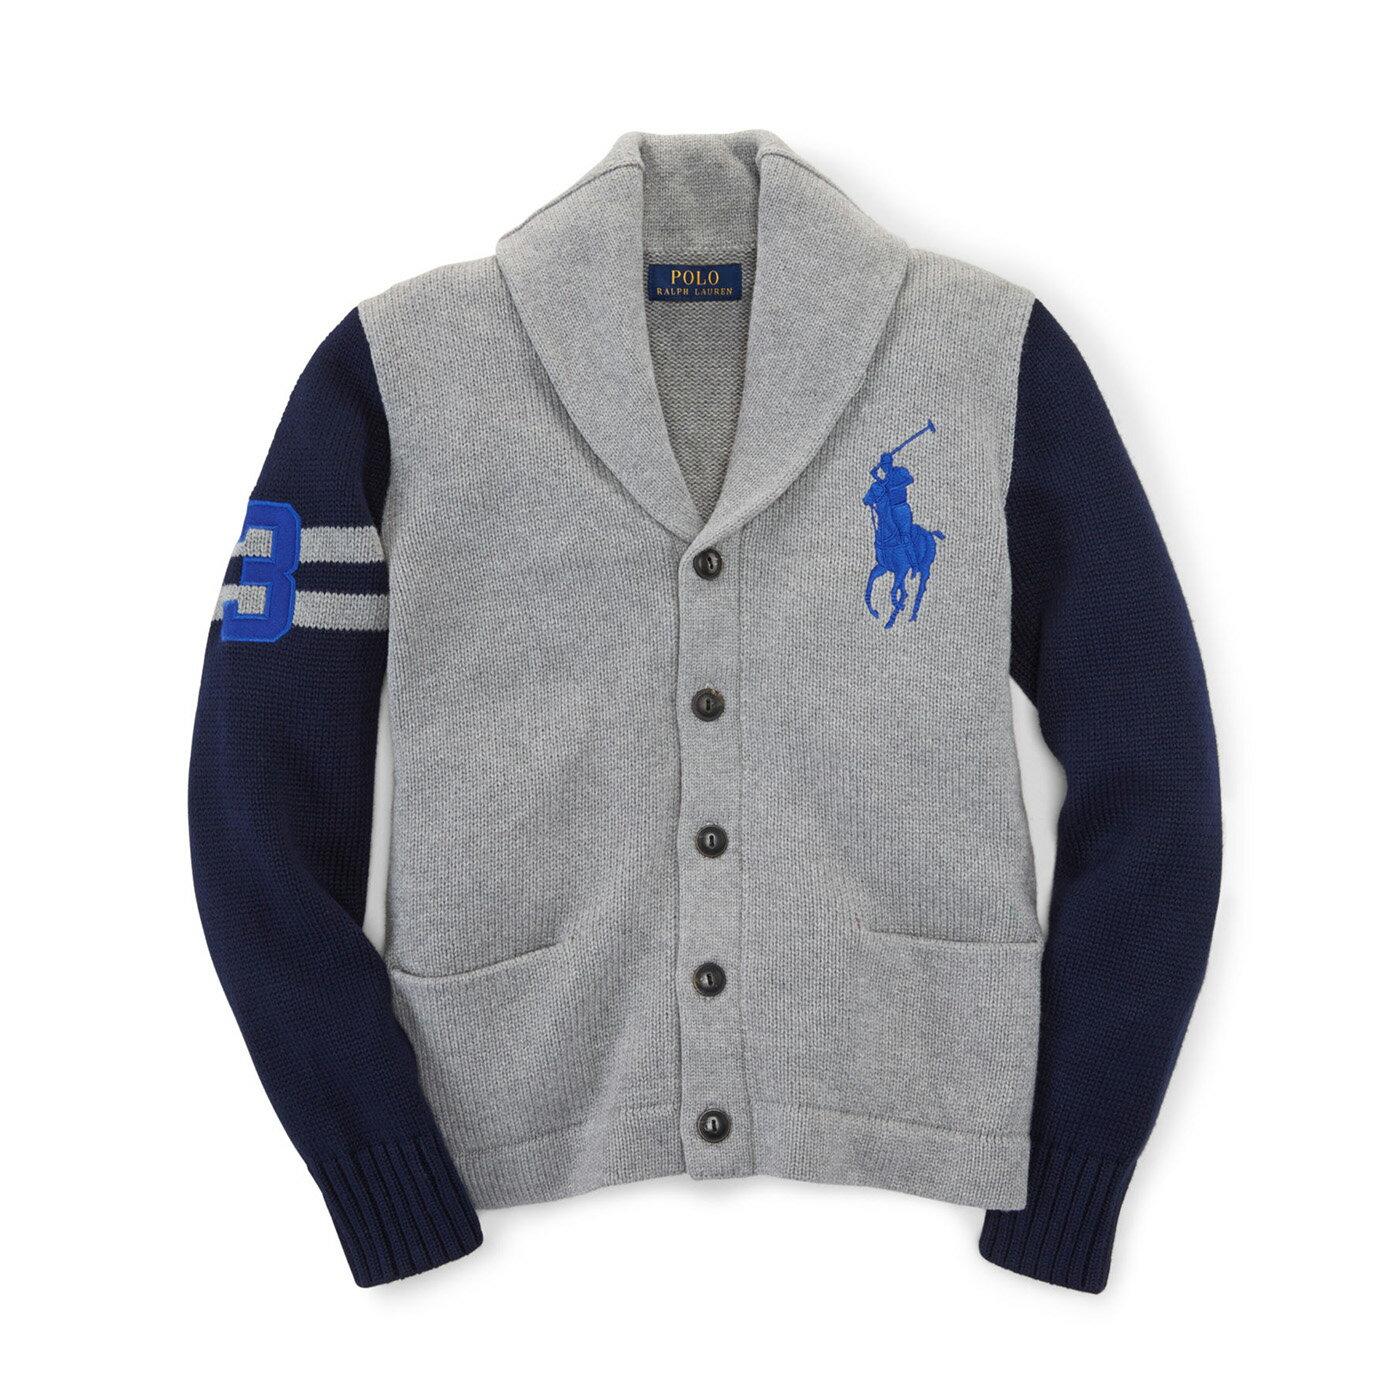 美國百分百【Ralph Lauren】RL polo 法式罩衫 開襟 外套 大馬 針織衫 灰色 深藍 S號 F862